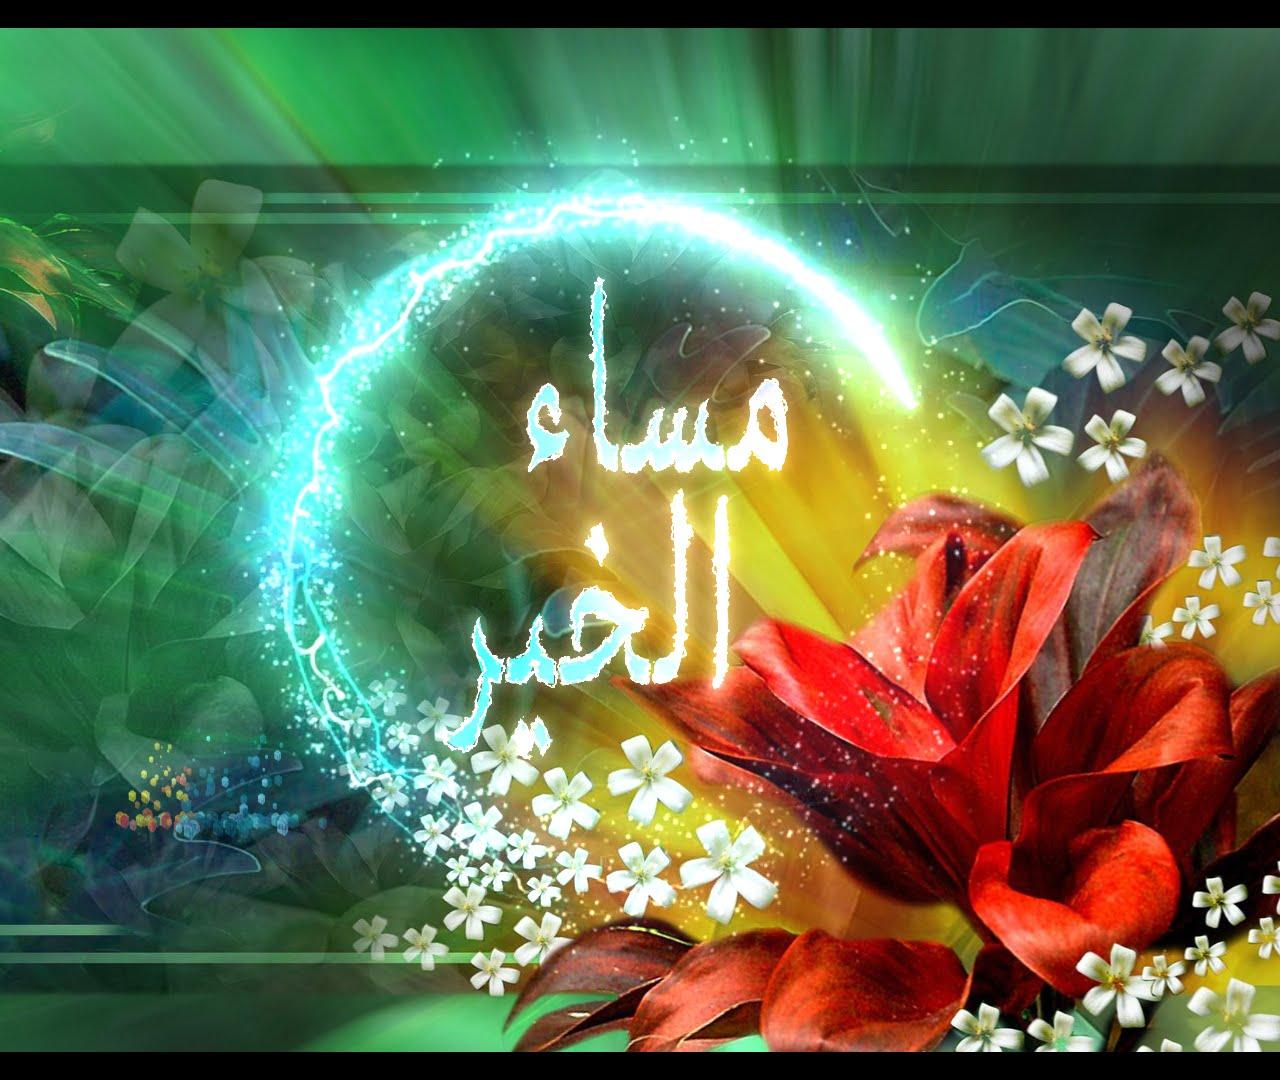 بالصور كلمات مساء الخير للاصدقاء , اروع كلمات مساء الخير للاصدقاء 1258 9